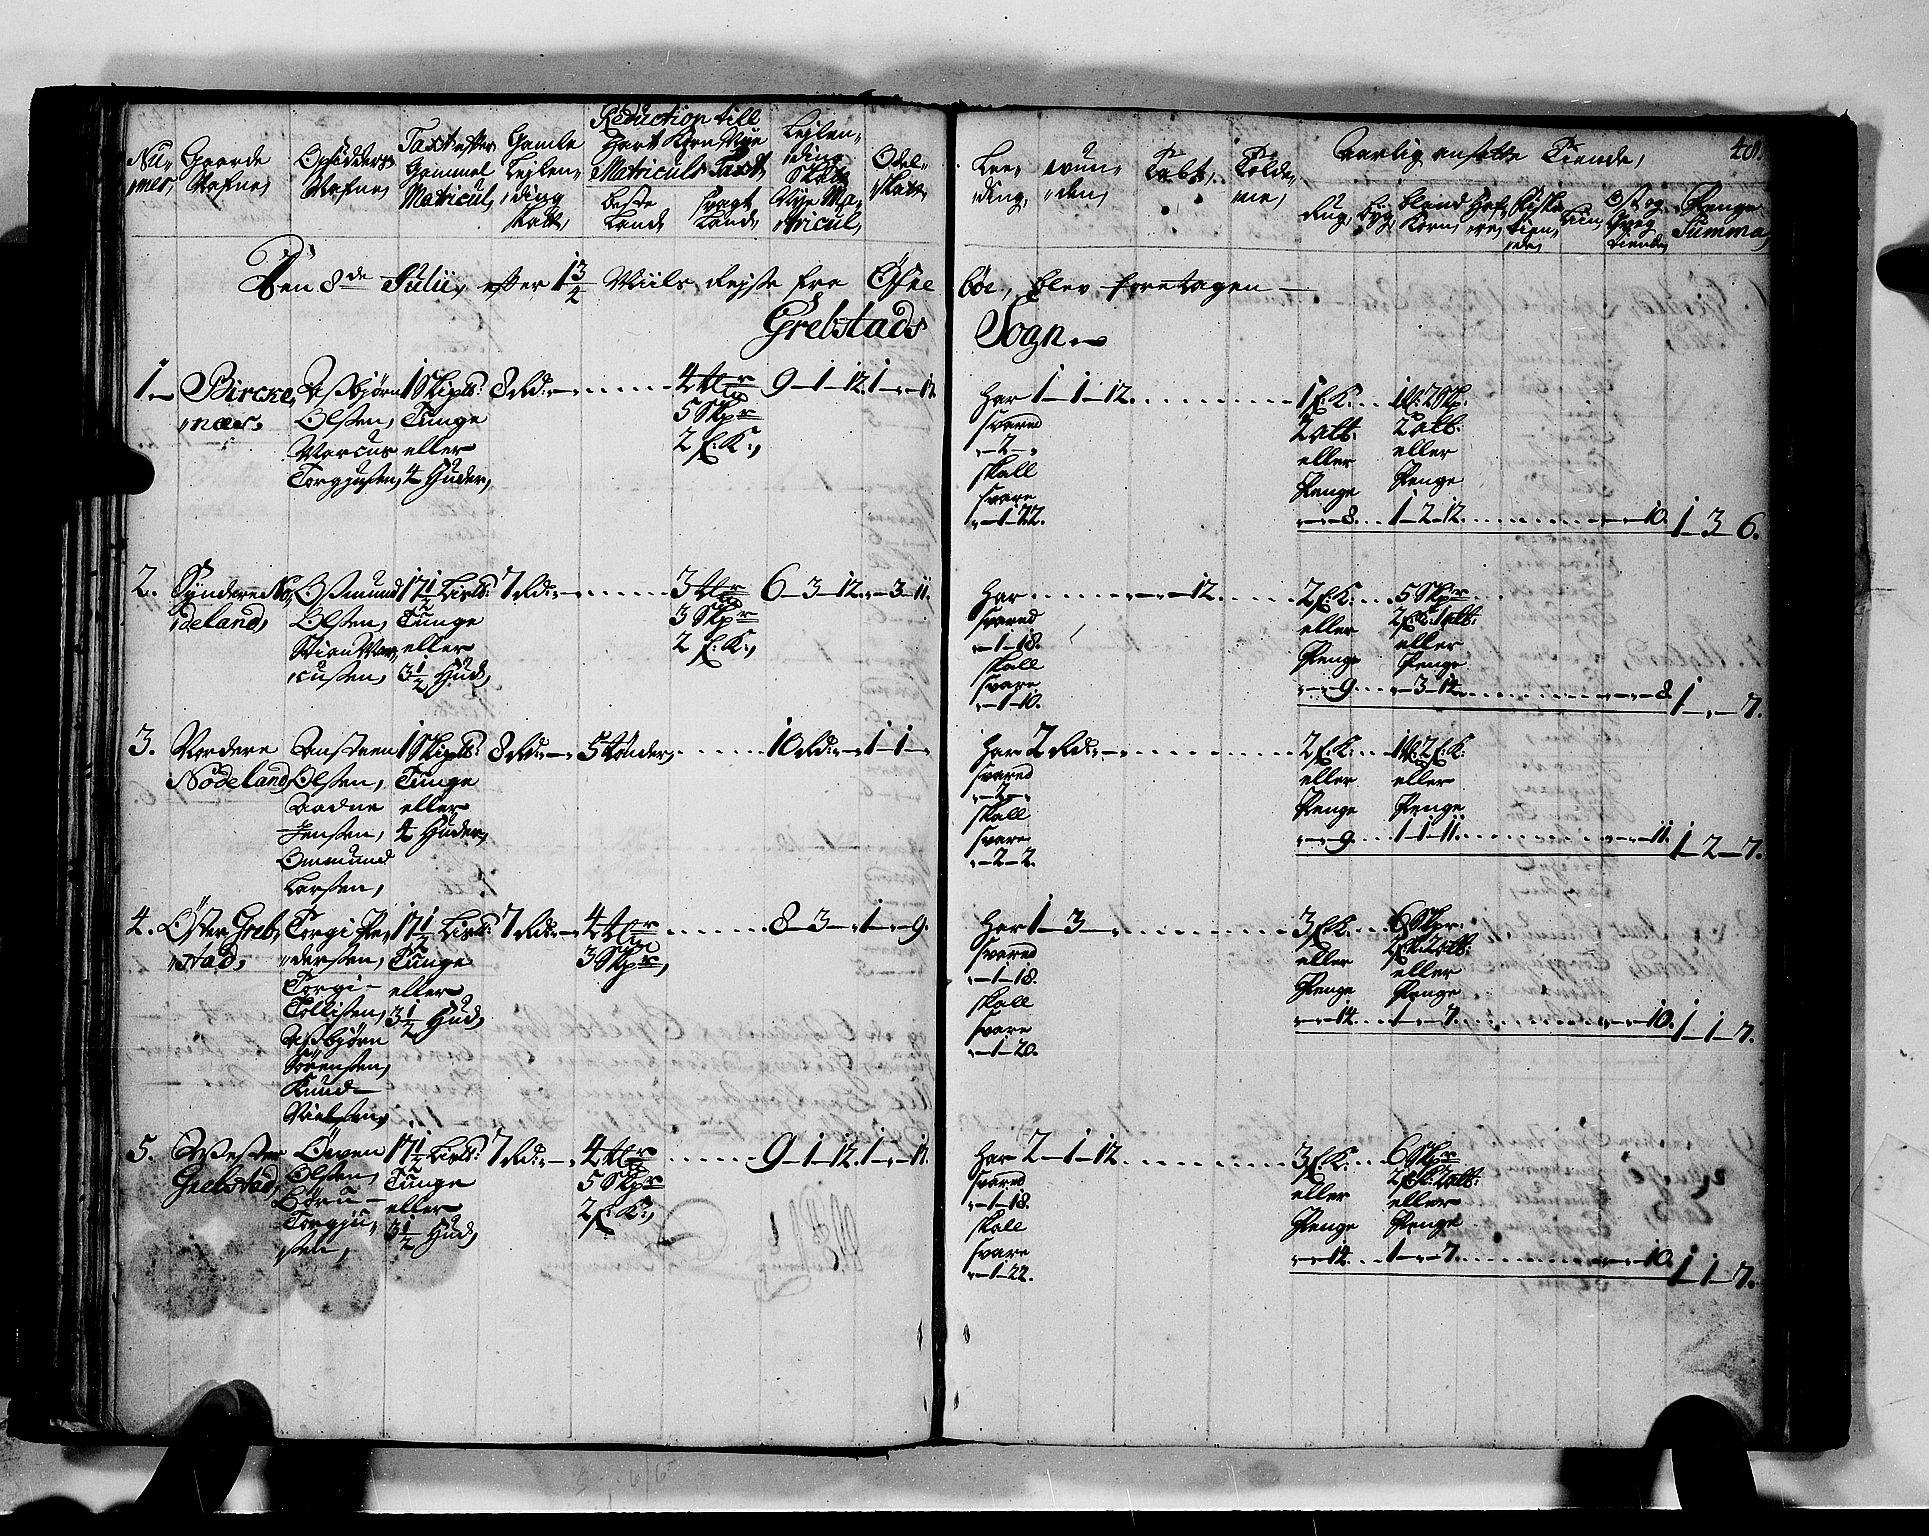 RA, Rentekammeret inntil 1814, Realistisk ordnet avdeling, N/Nb/Nbf/L0128: Mandal matrikkelprotokoll, 1723, s. 47b-48a